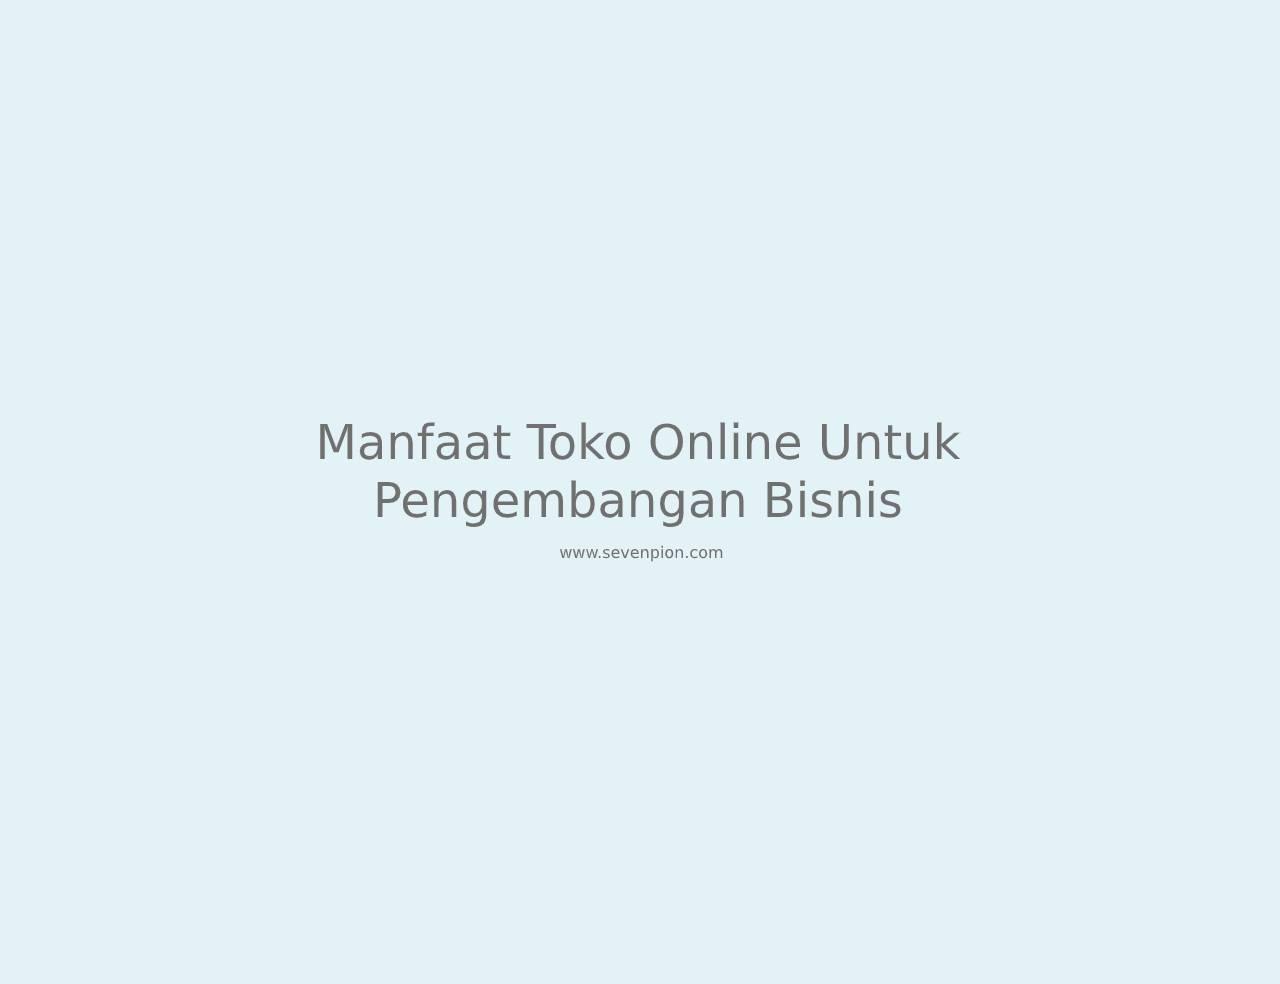 manfaat toko online